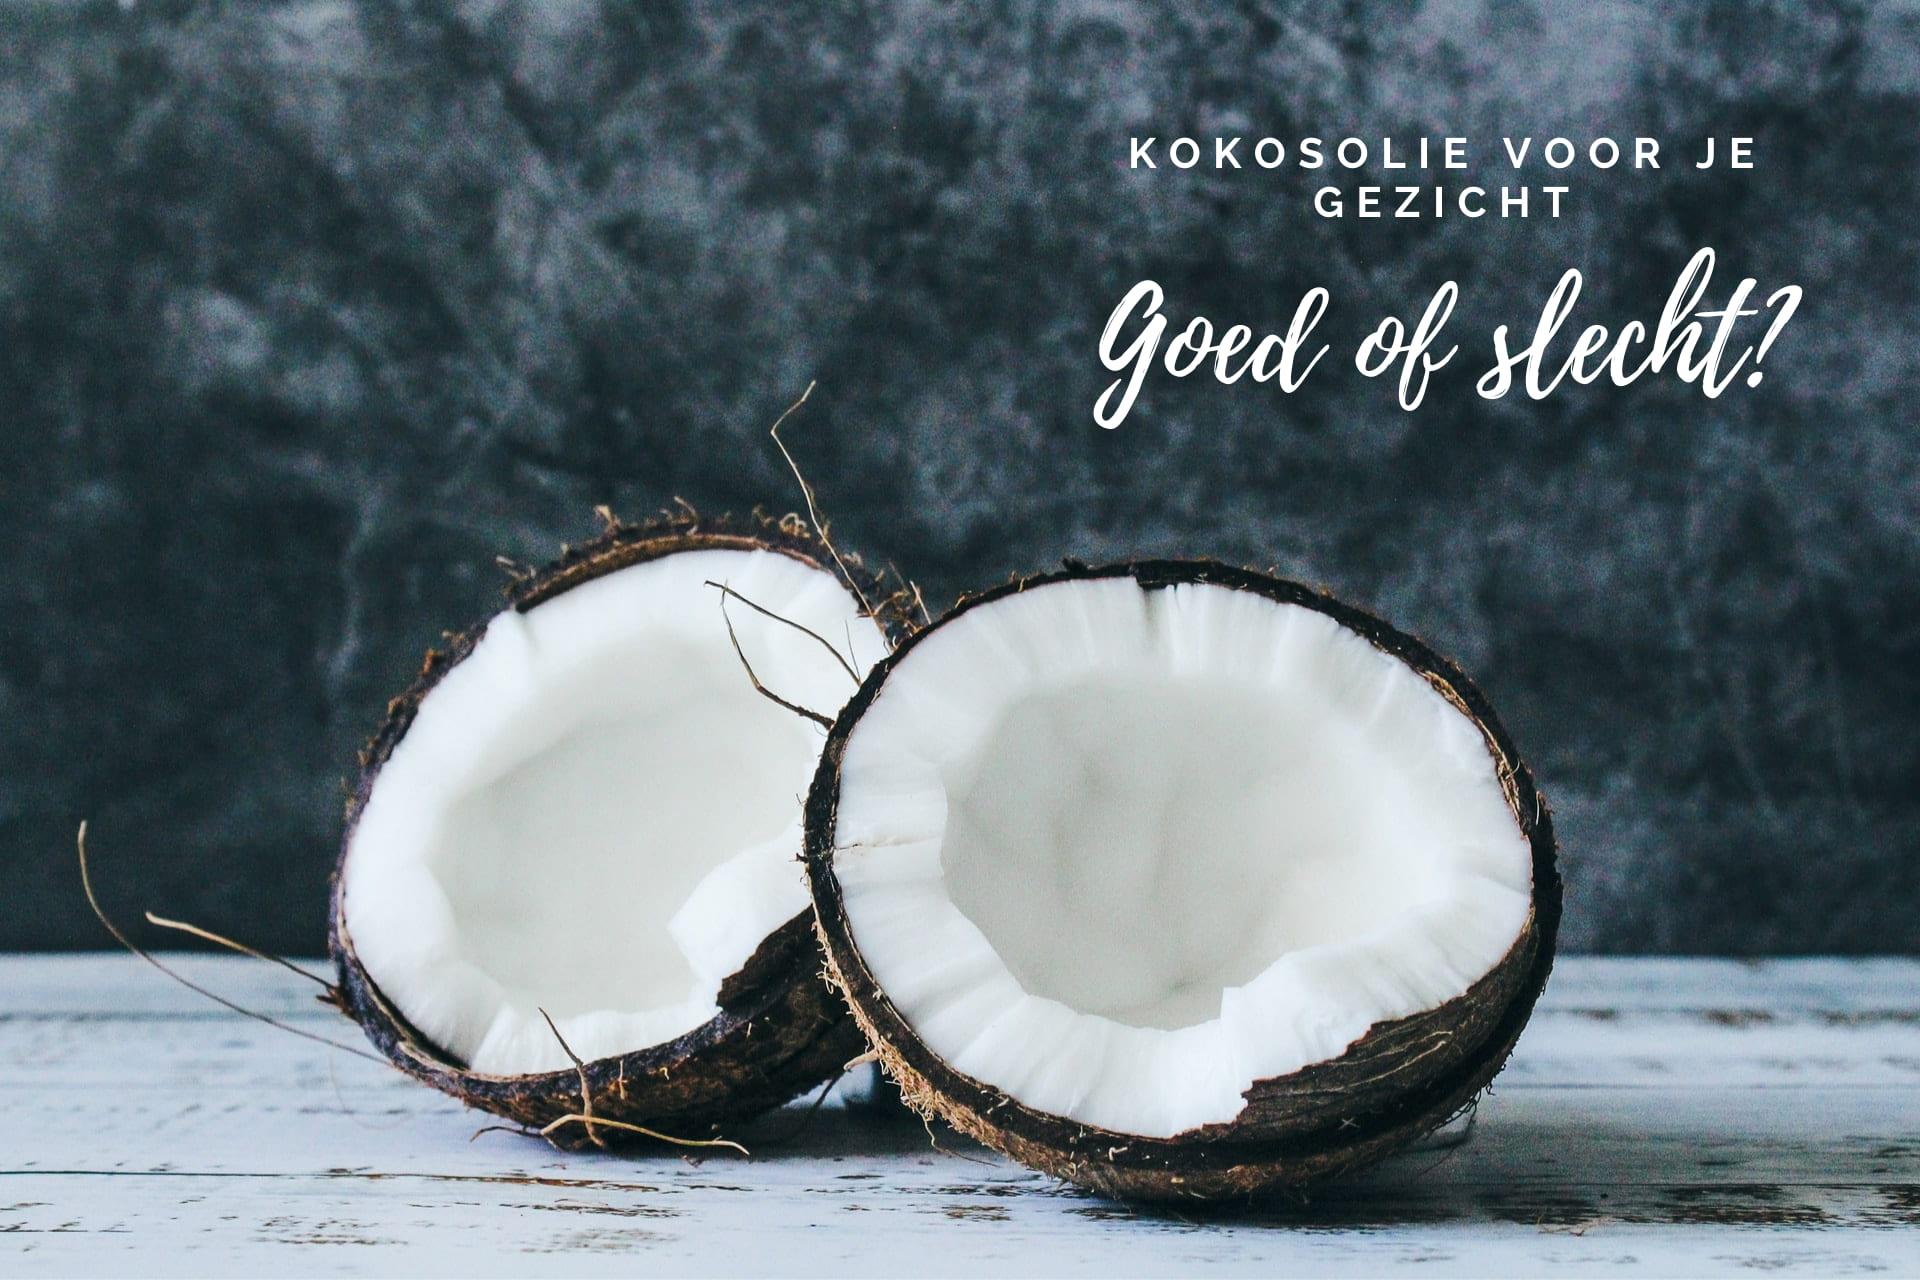 Kokosolie op je gezicht gebruiken, is dat veilig?